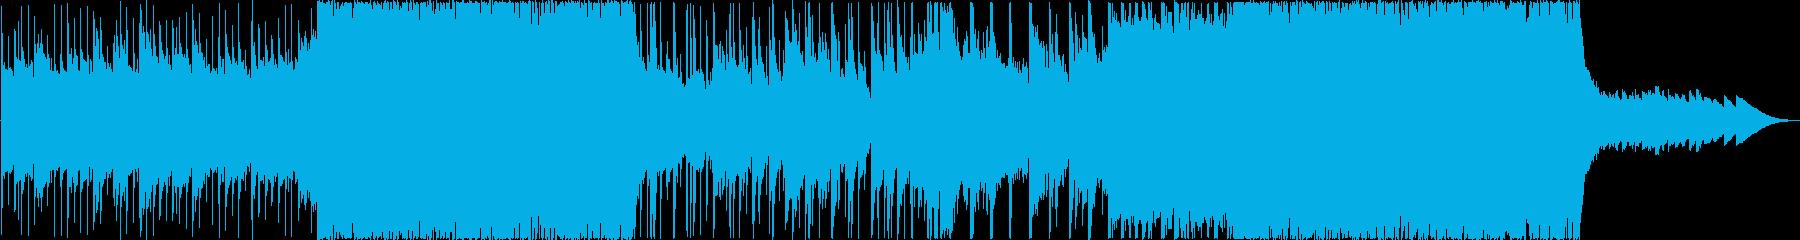 切なく神々しさのあるBGMの再生済みの波形